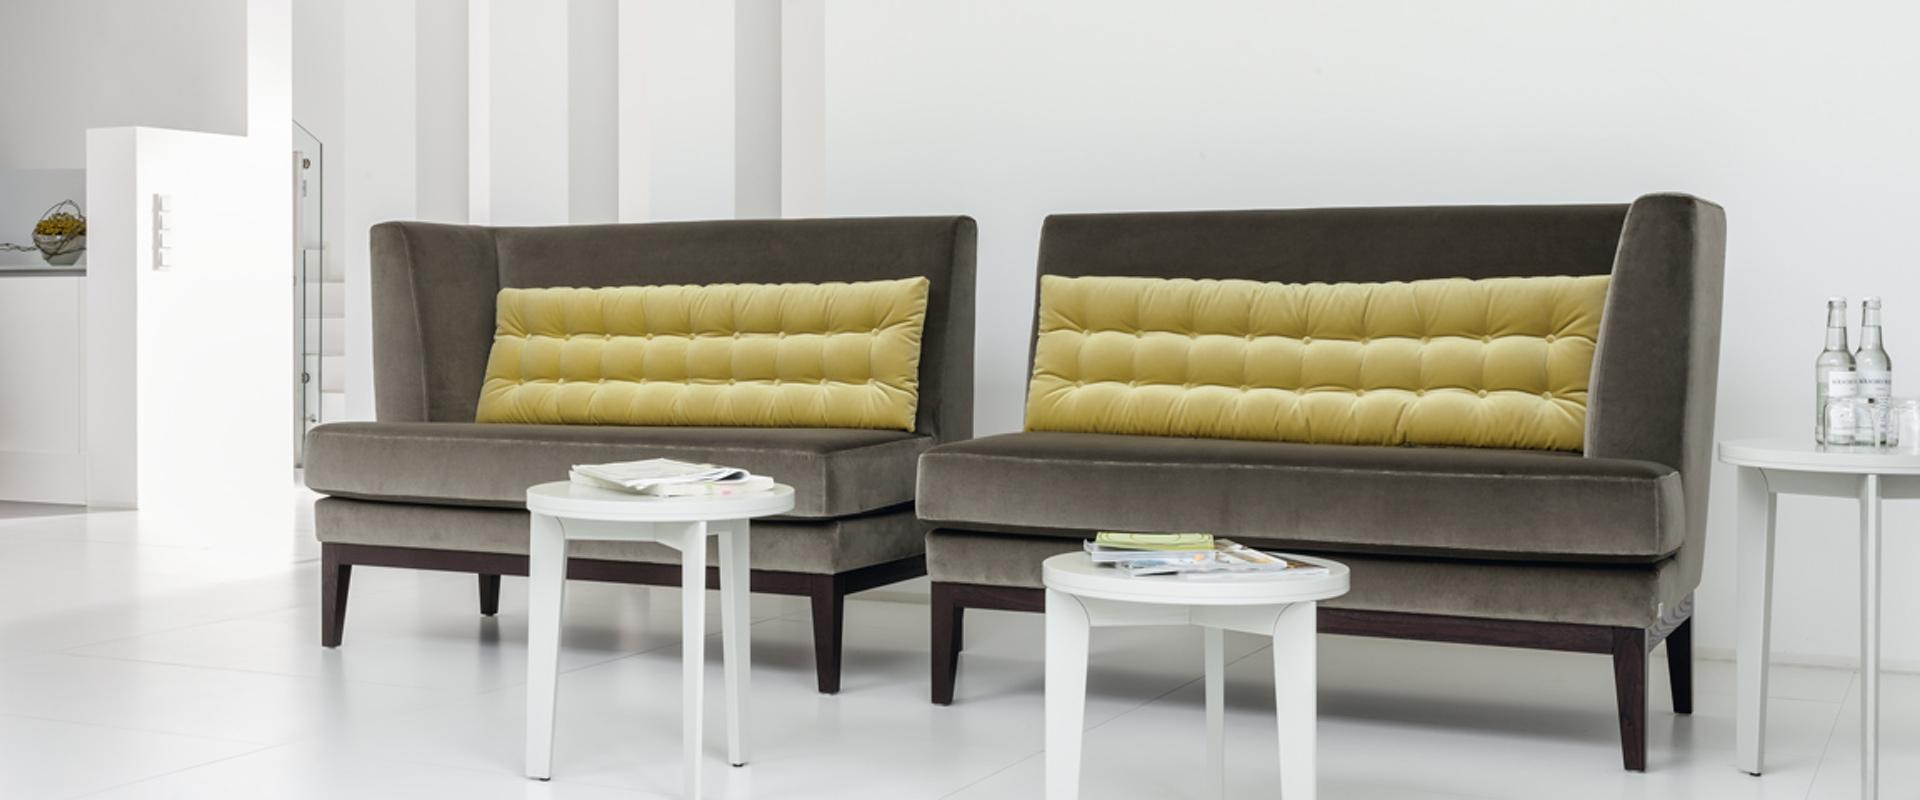 Das Sofa Polo Lounge von BW Bielefelder Werkstätten finden Sie bei Hans G. Bock auch in Braun.